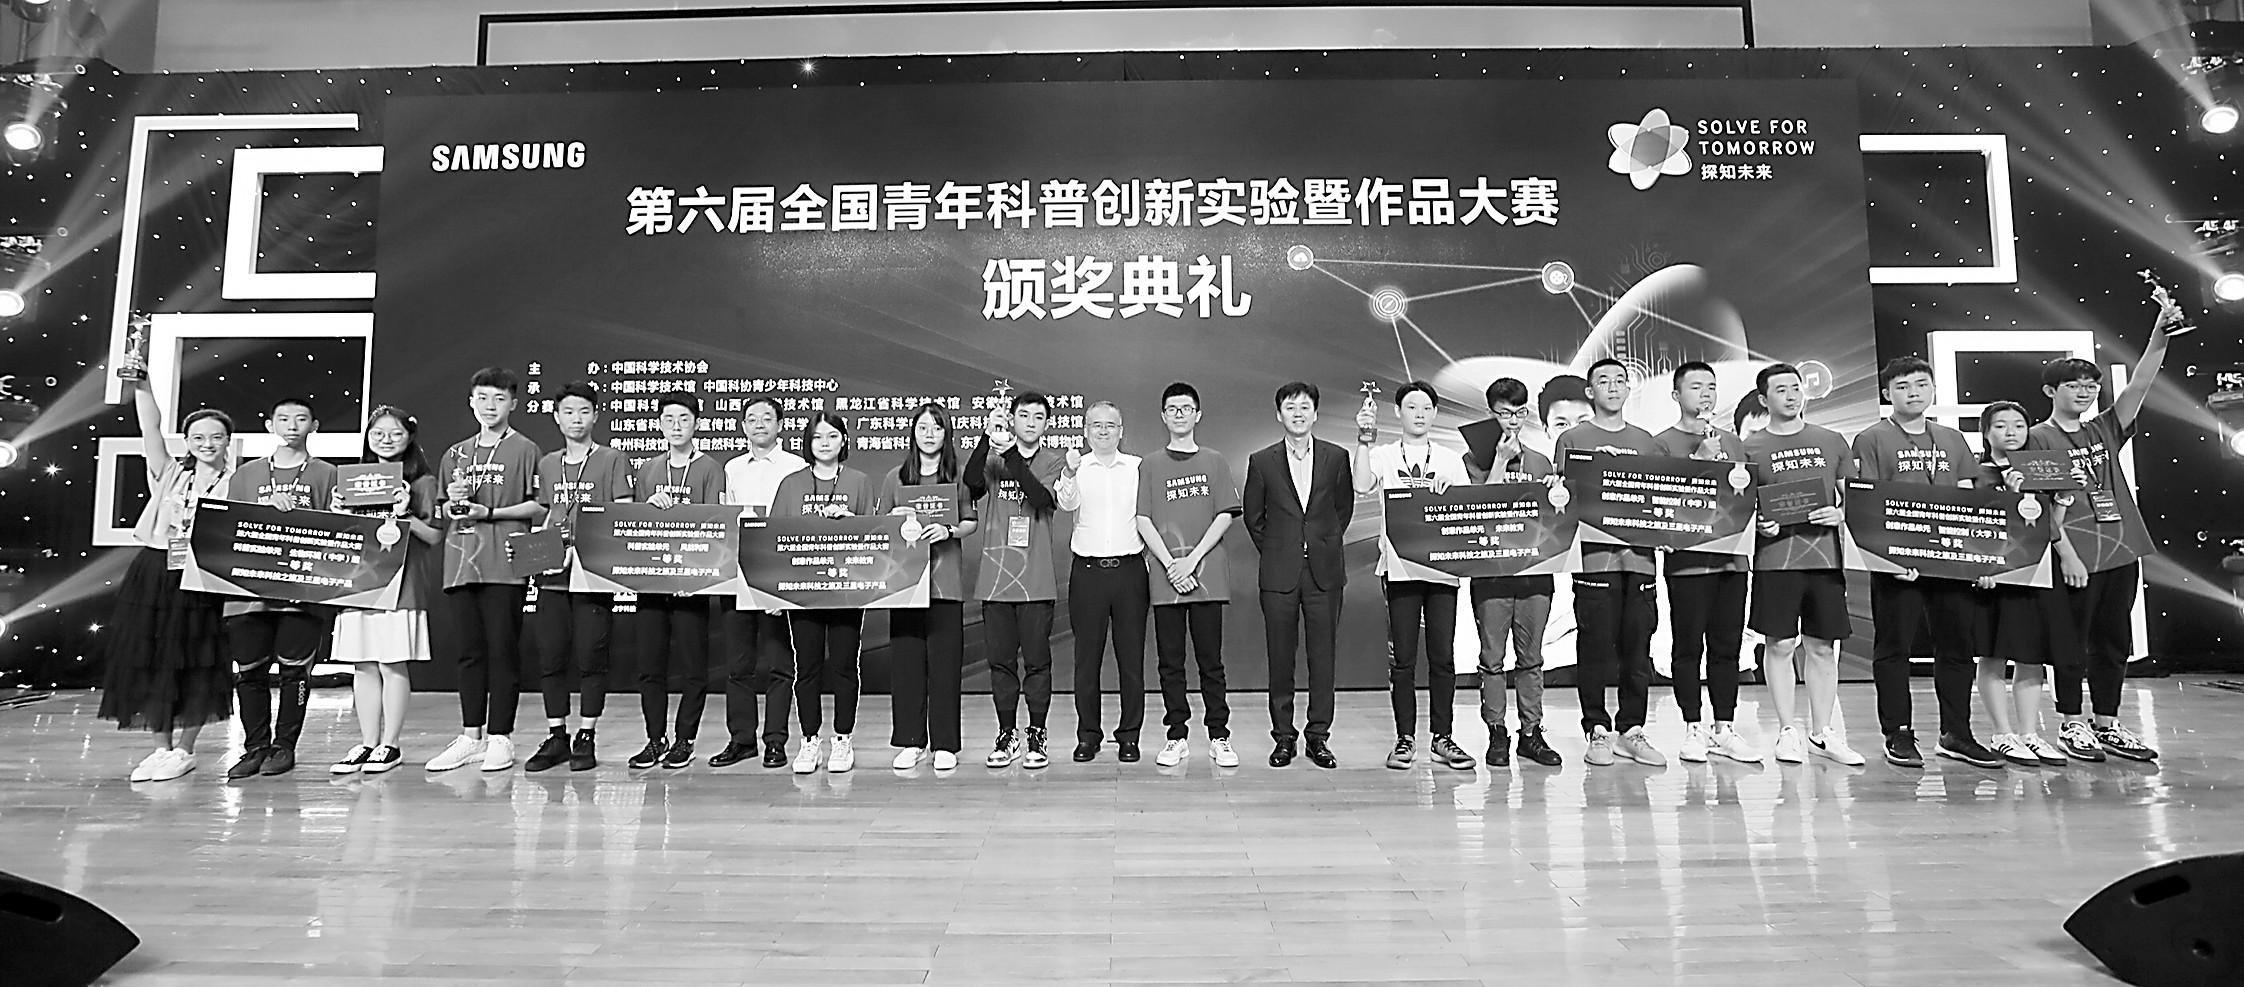 """中国青年在""""探索未知""""中传承科创精神"""